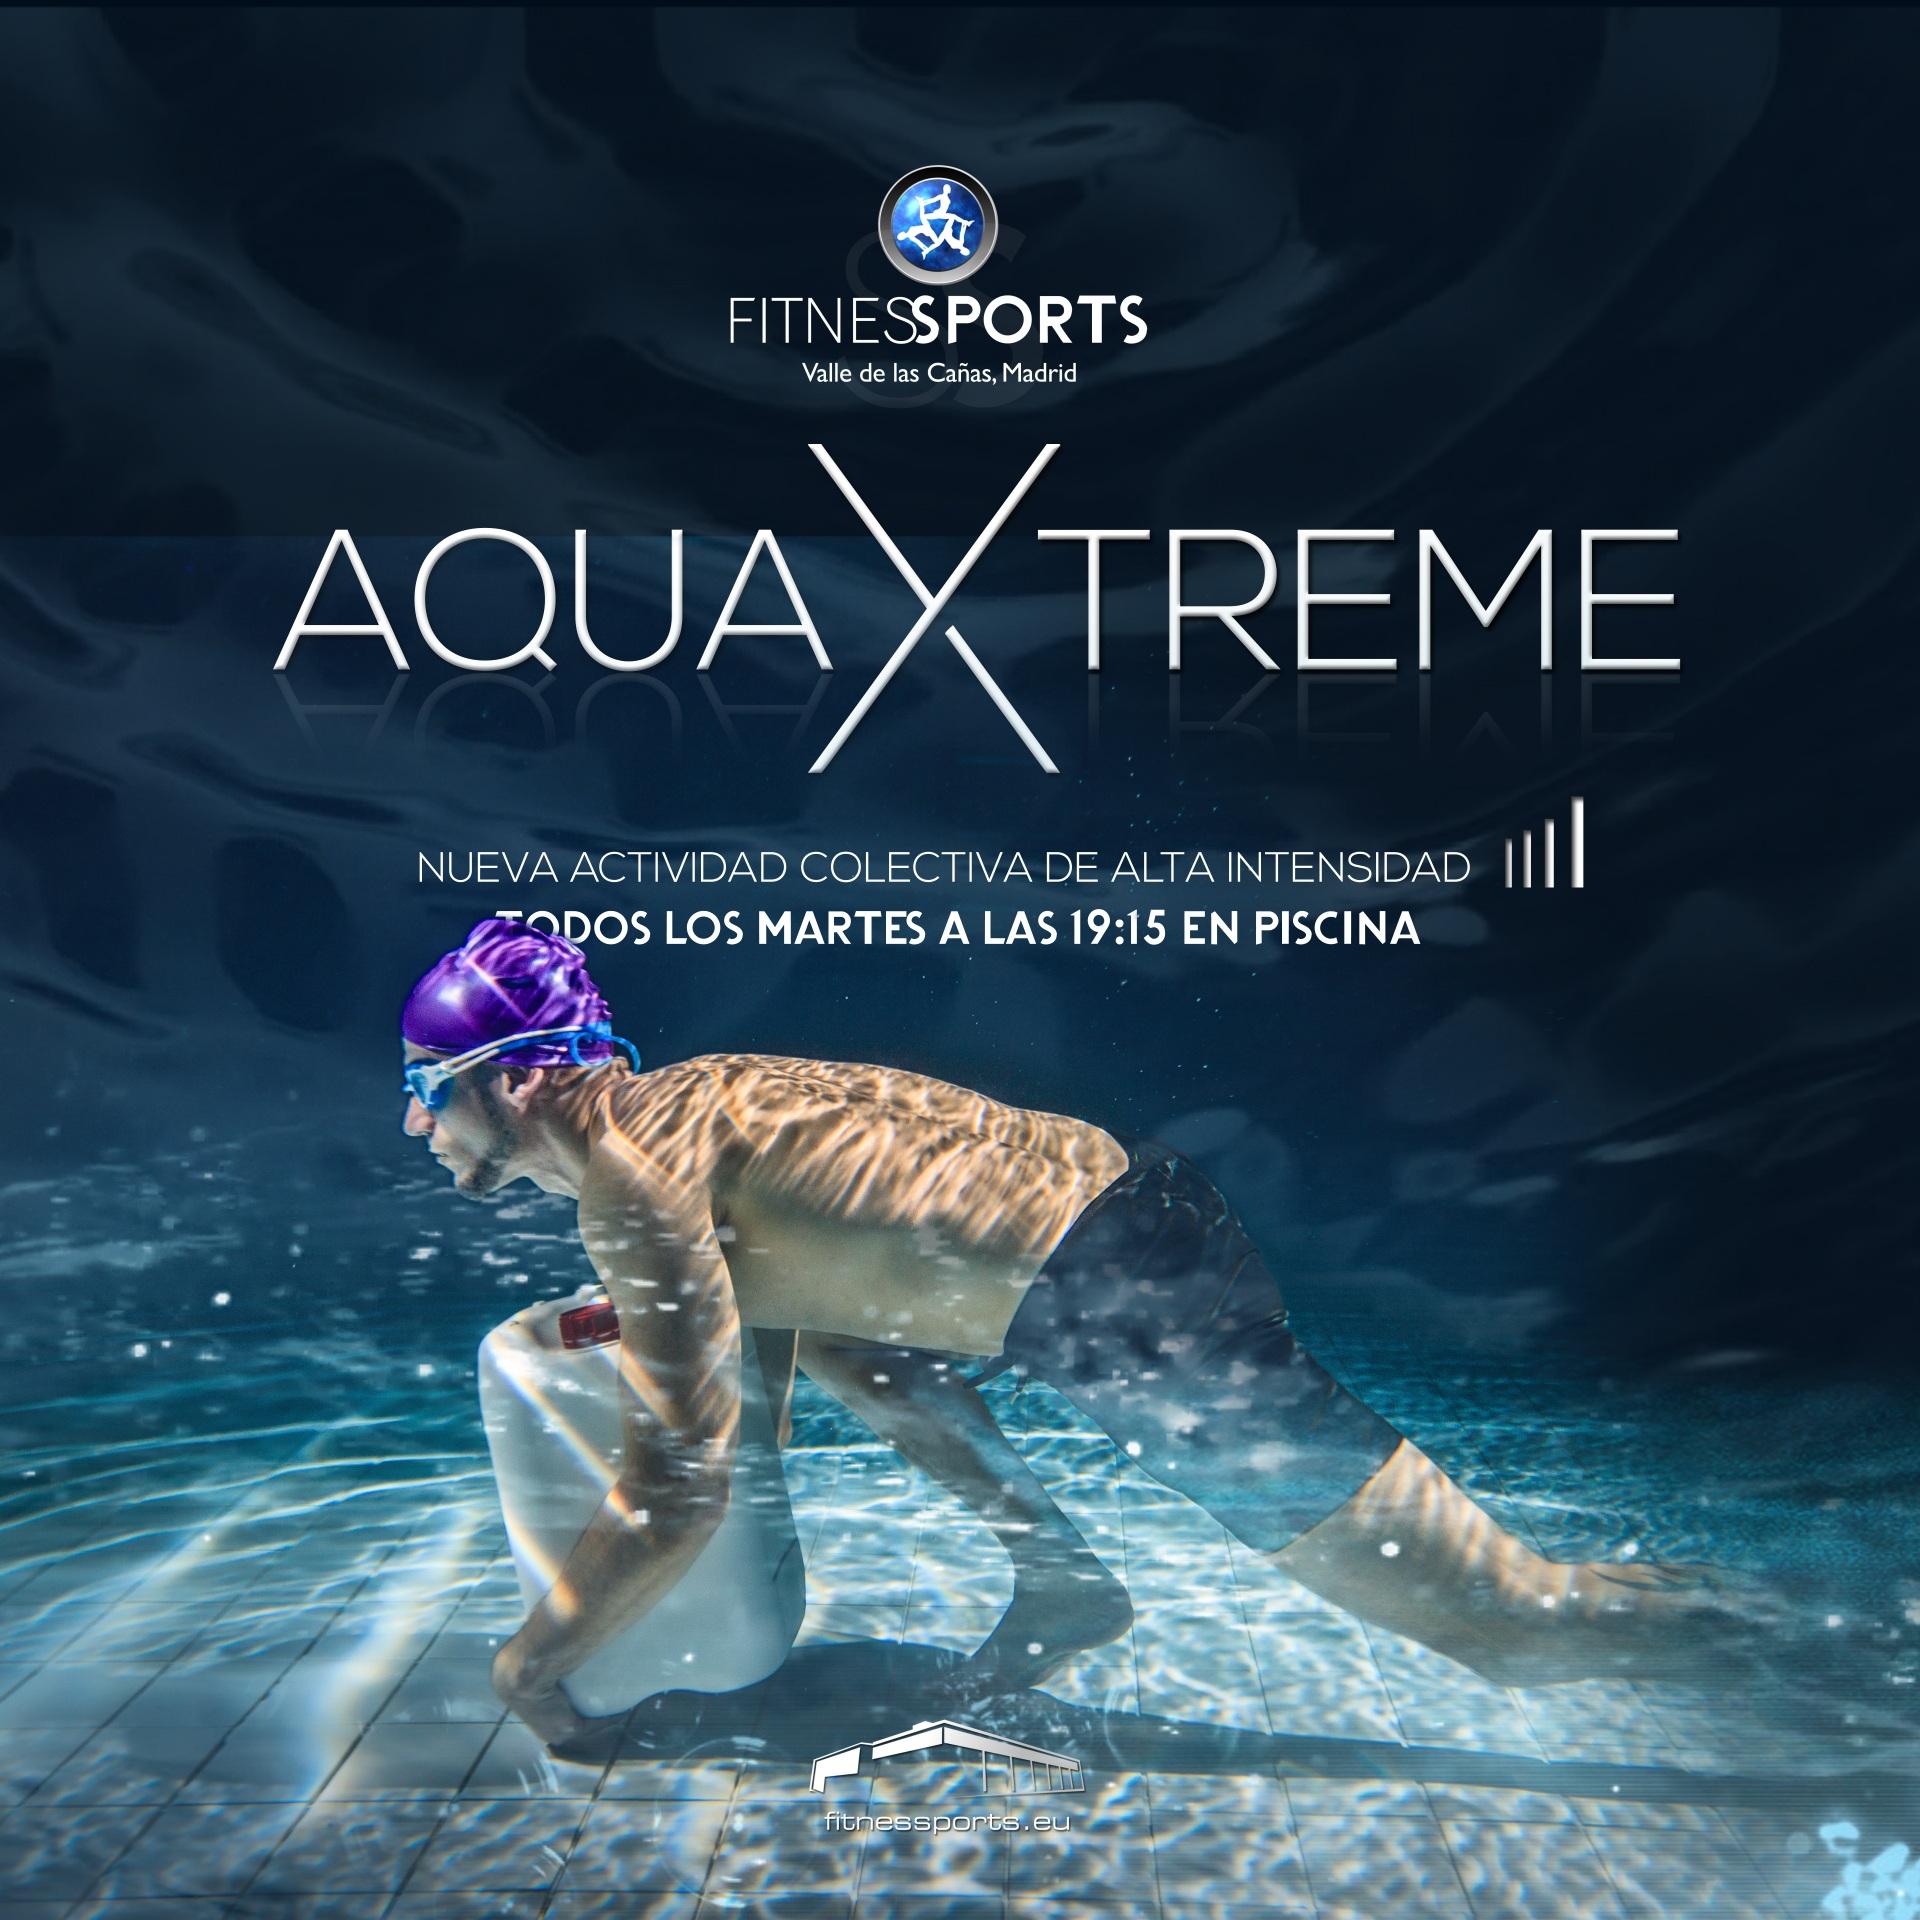 Aquaxtreme Actividad Acuatica De Alta Intensidad Gimnasio En